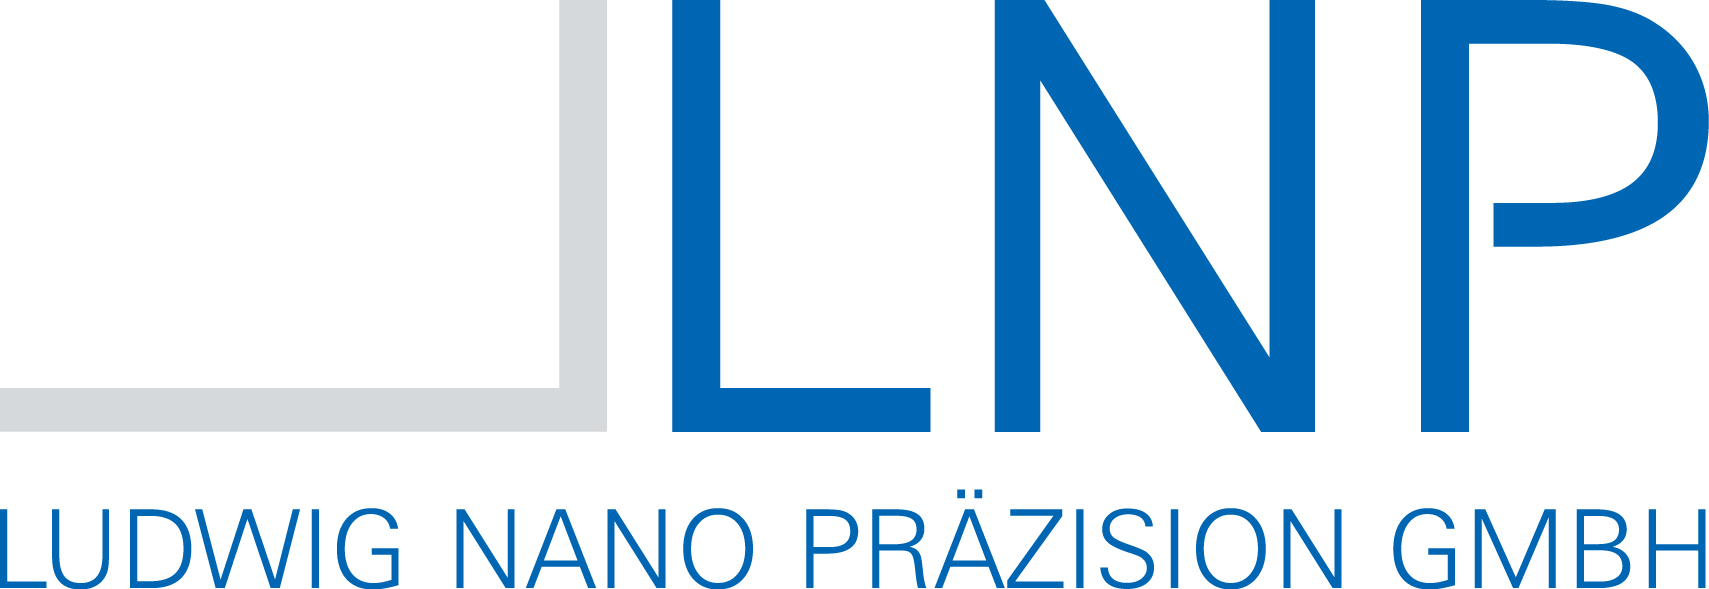 LNP-LOGO_3